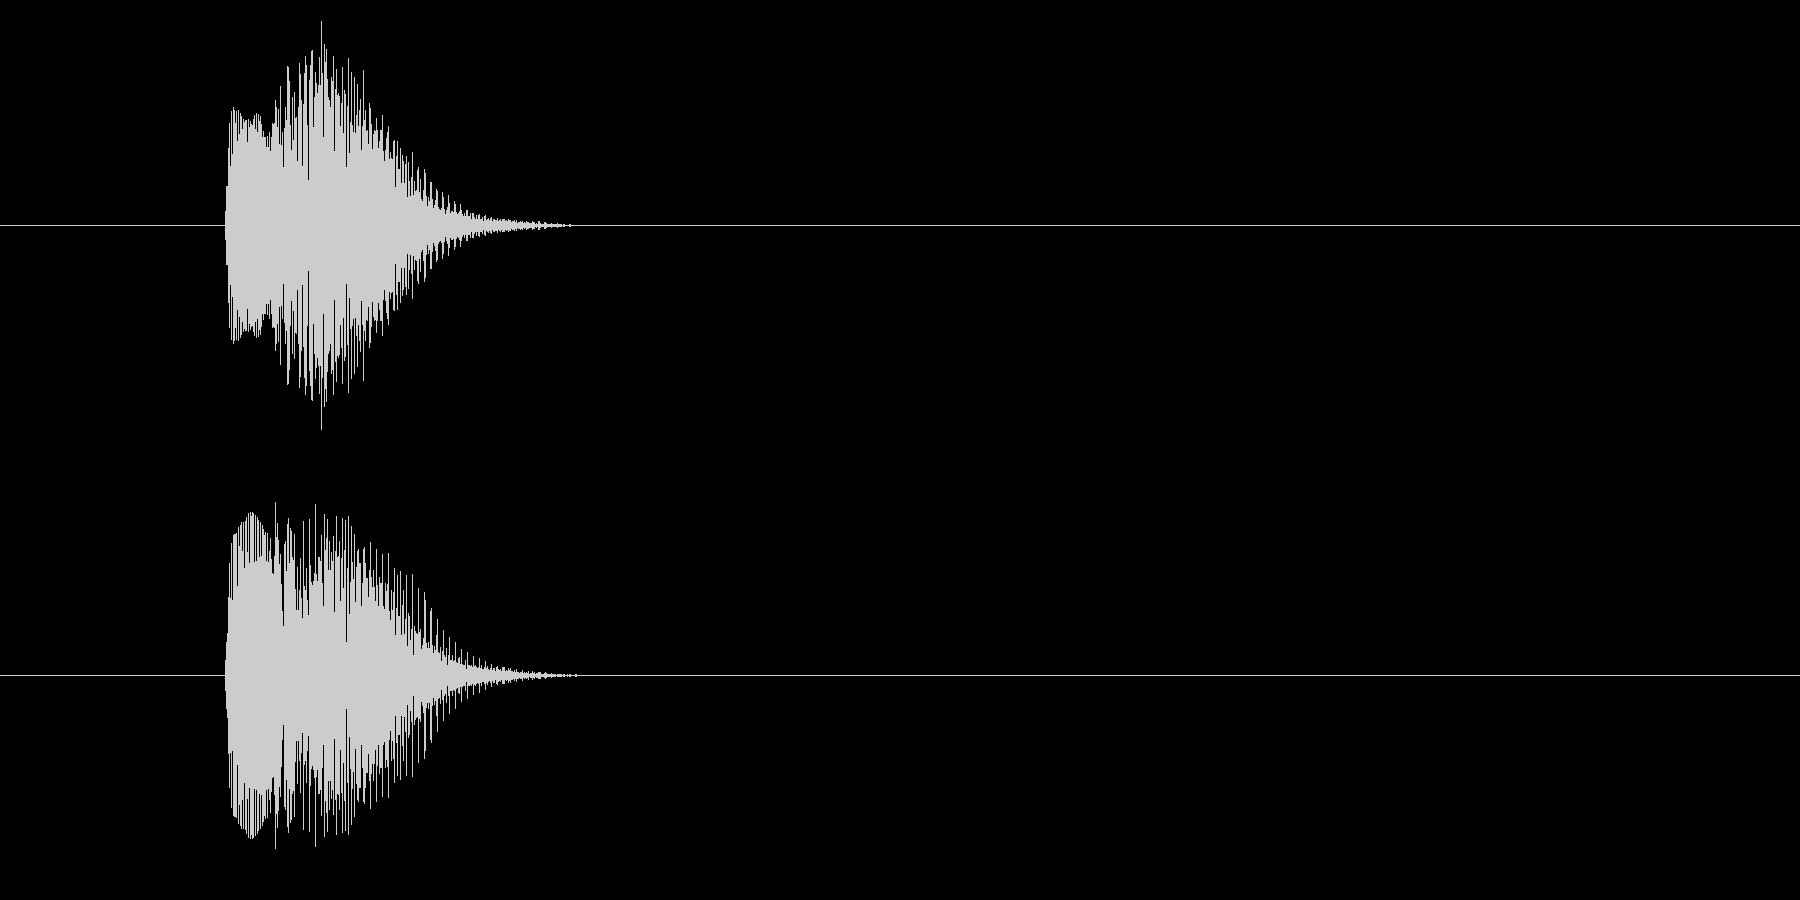 短いエラーボタン音の未再生の波形